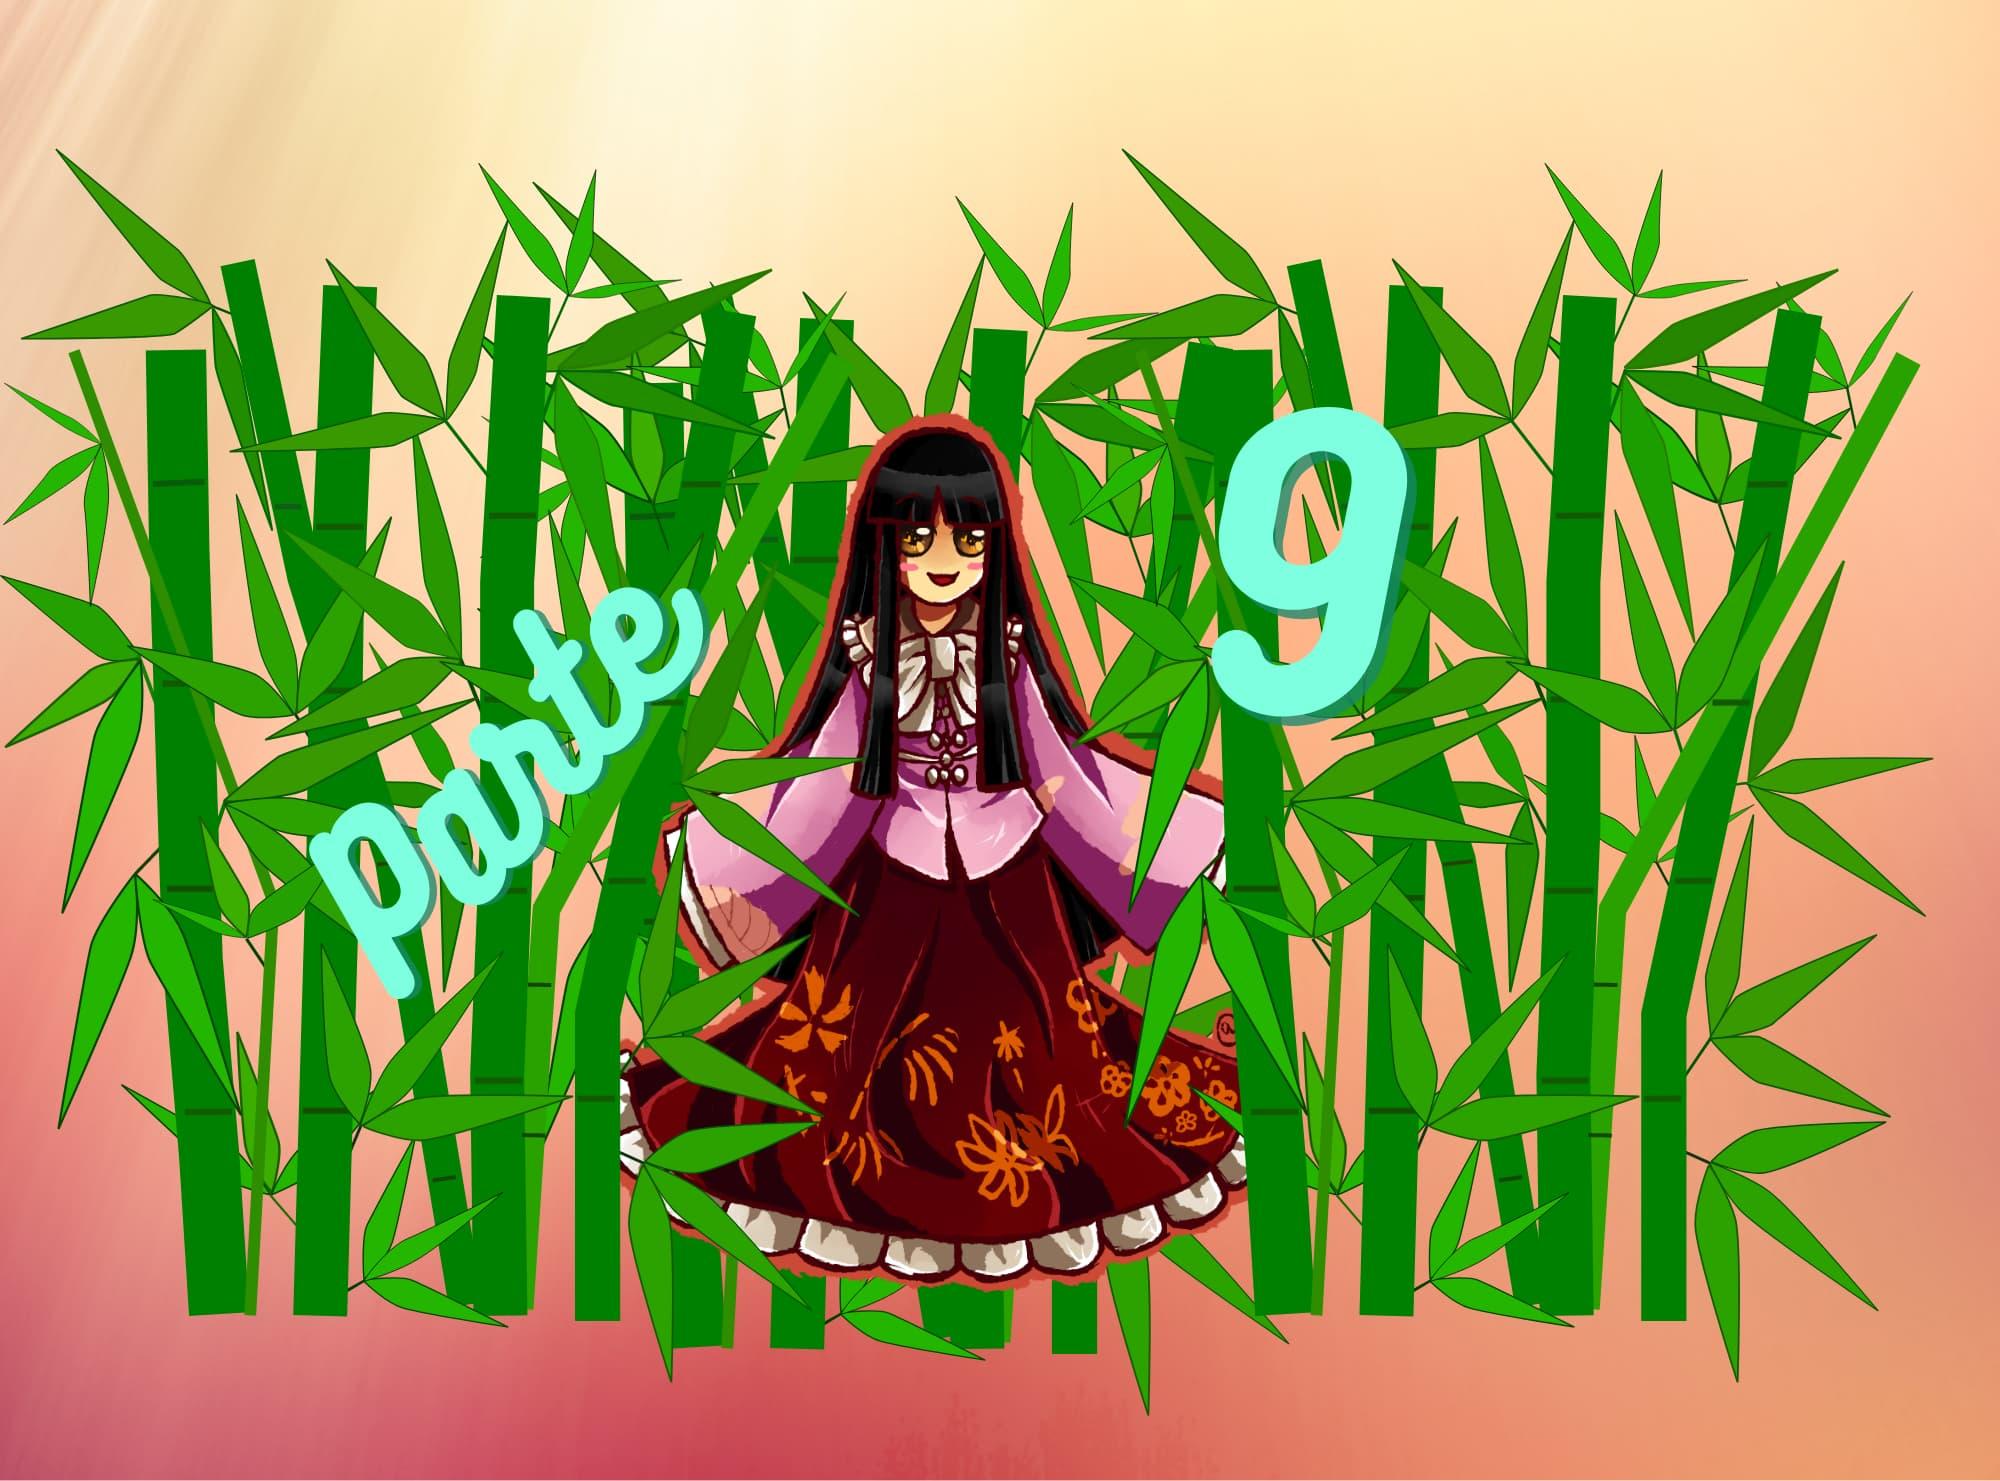 Práctica de lectura N5 de Hiragana: Princesa Kaguya parte 9 (La rabia del dragón)